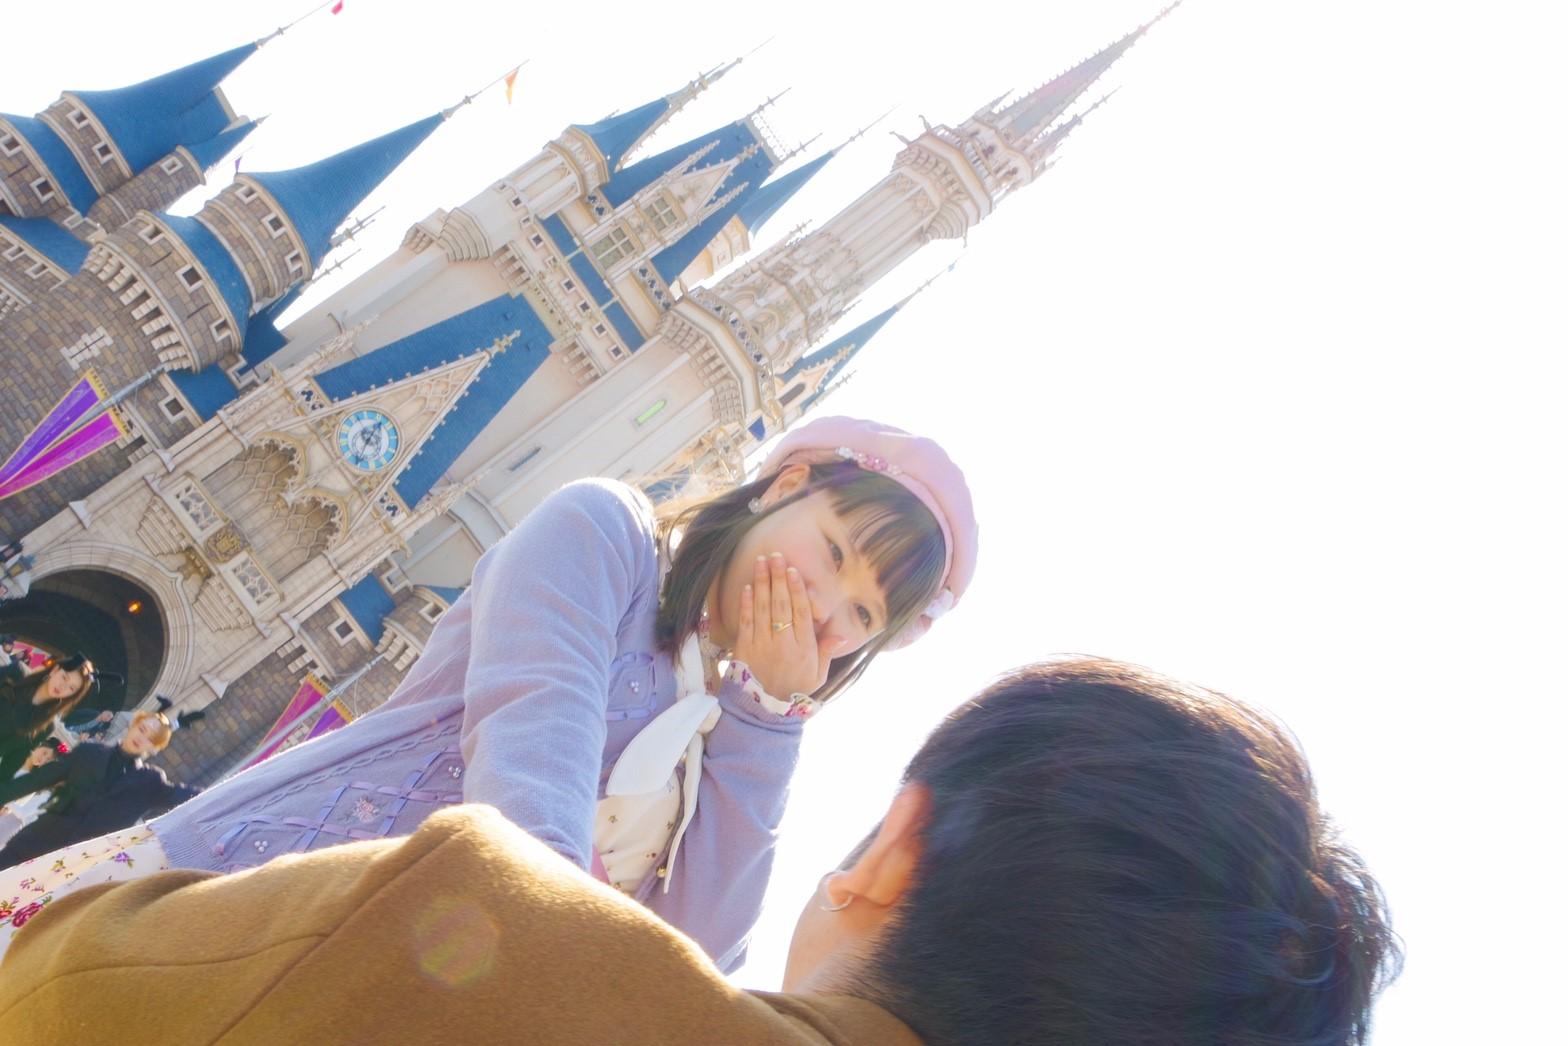 シンデレラ城前でプロポーズ